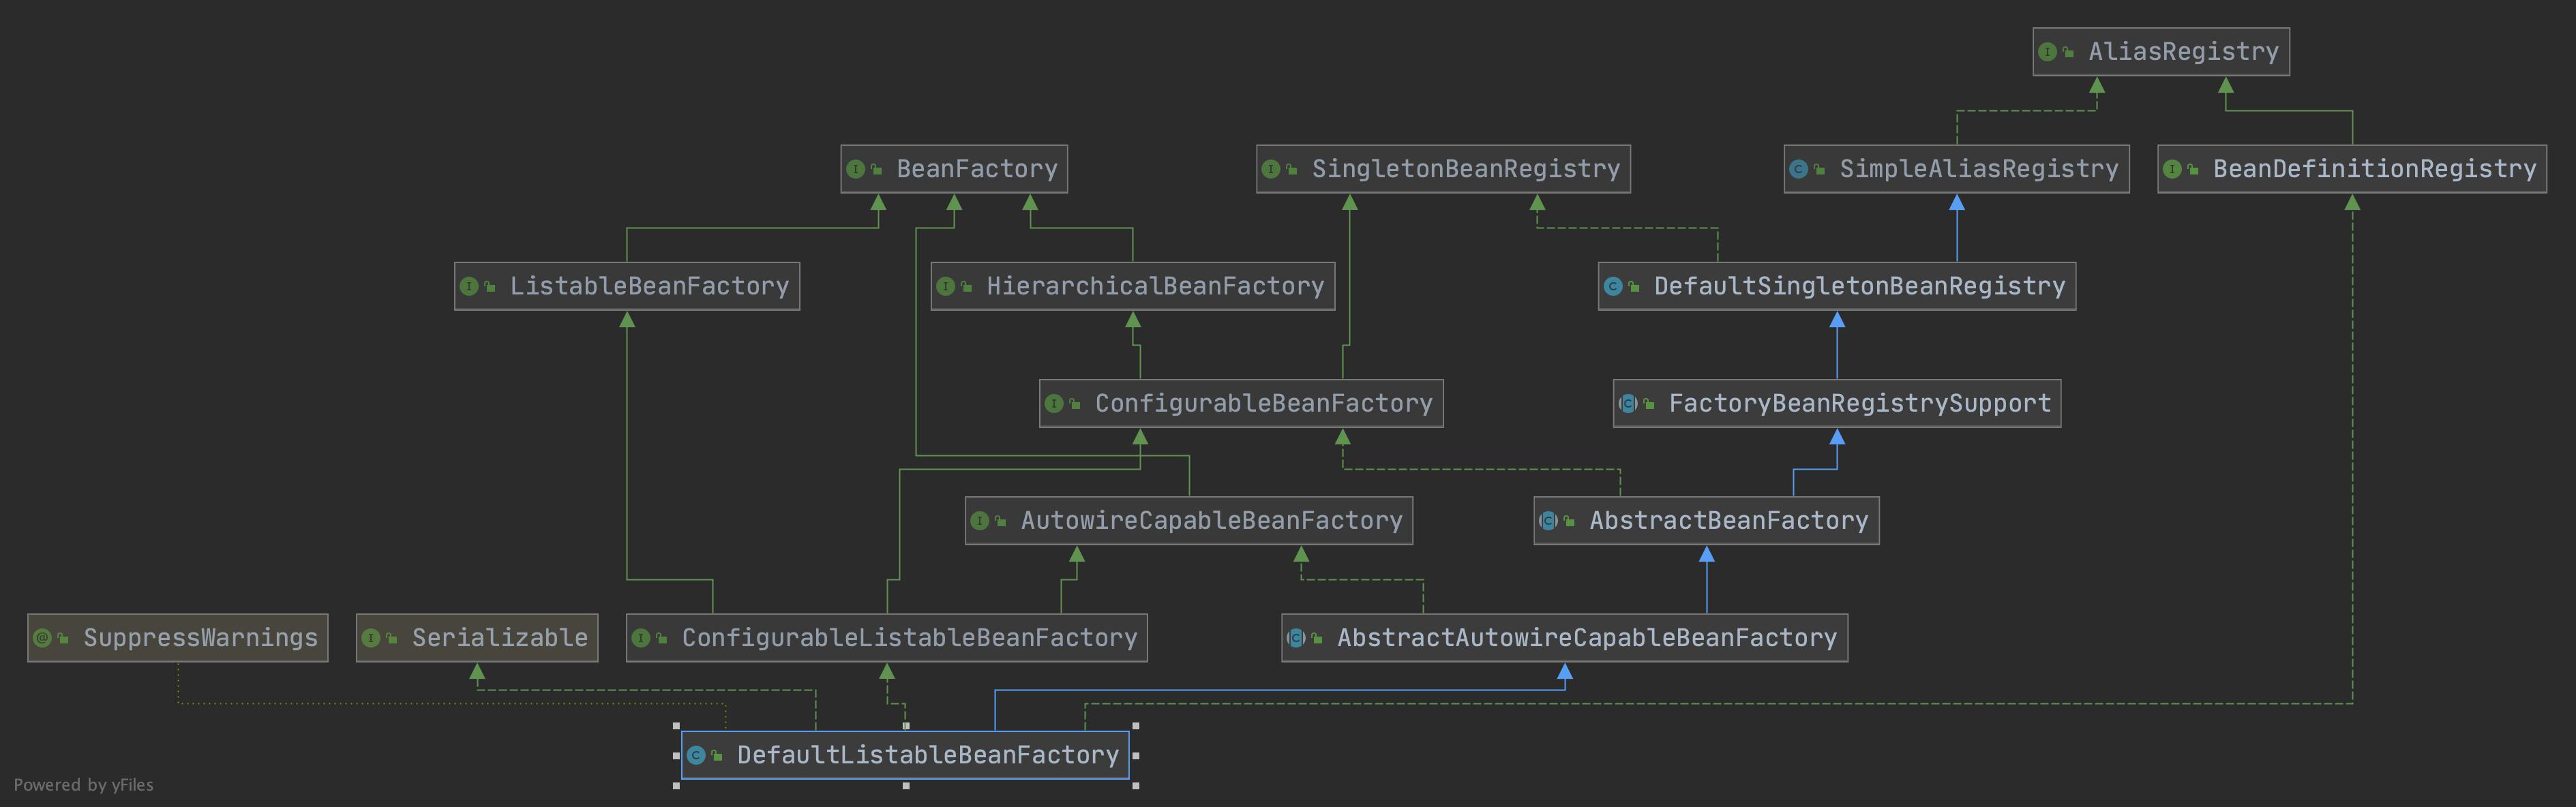 DefaultListableBeanFactory UML